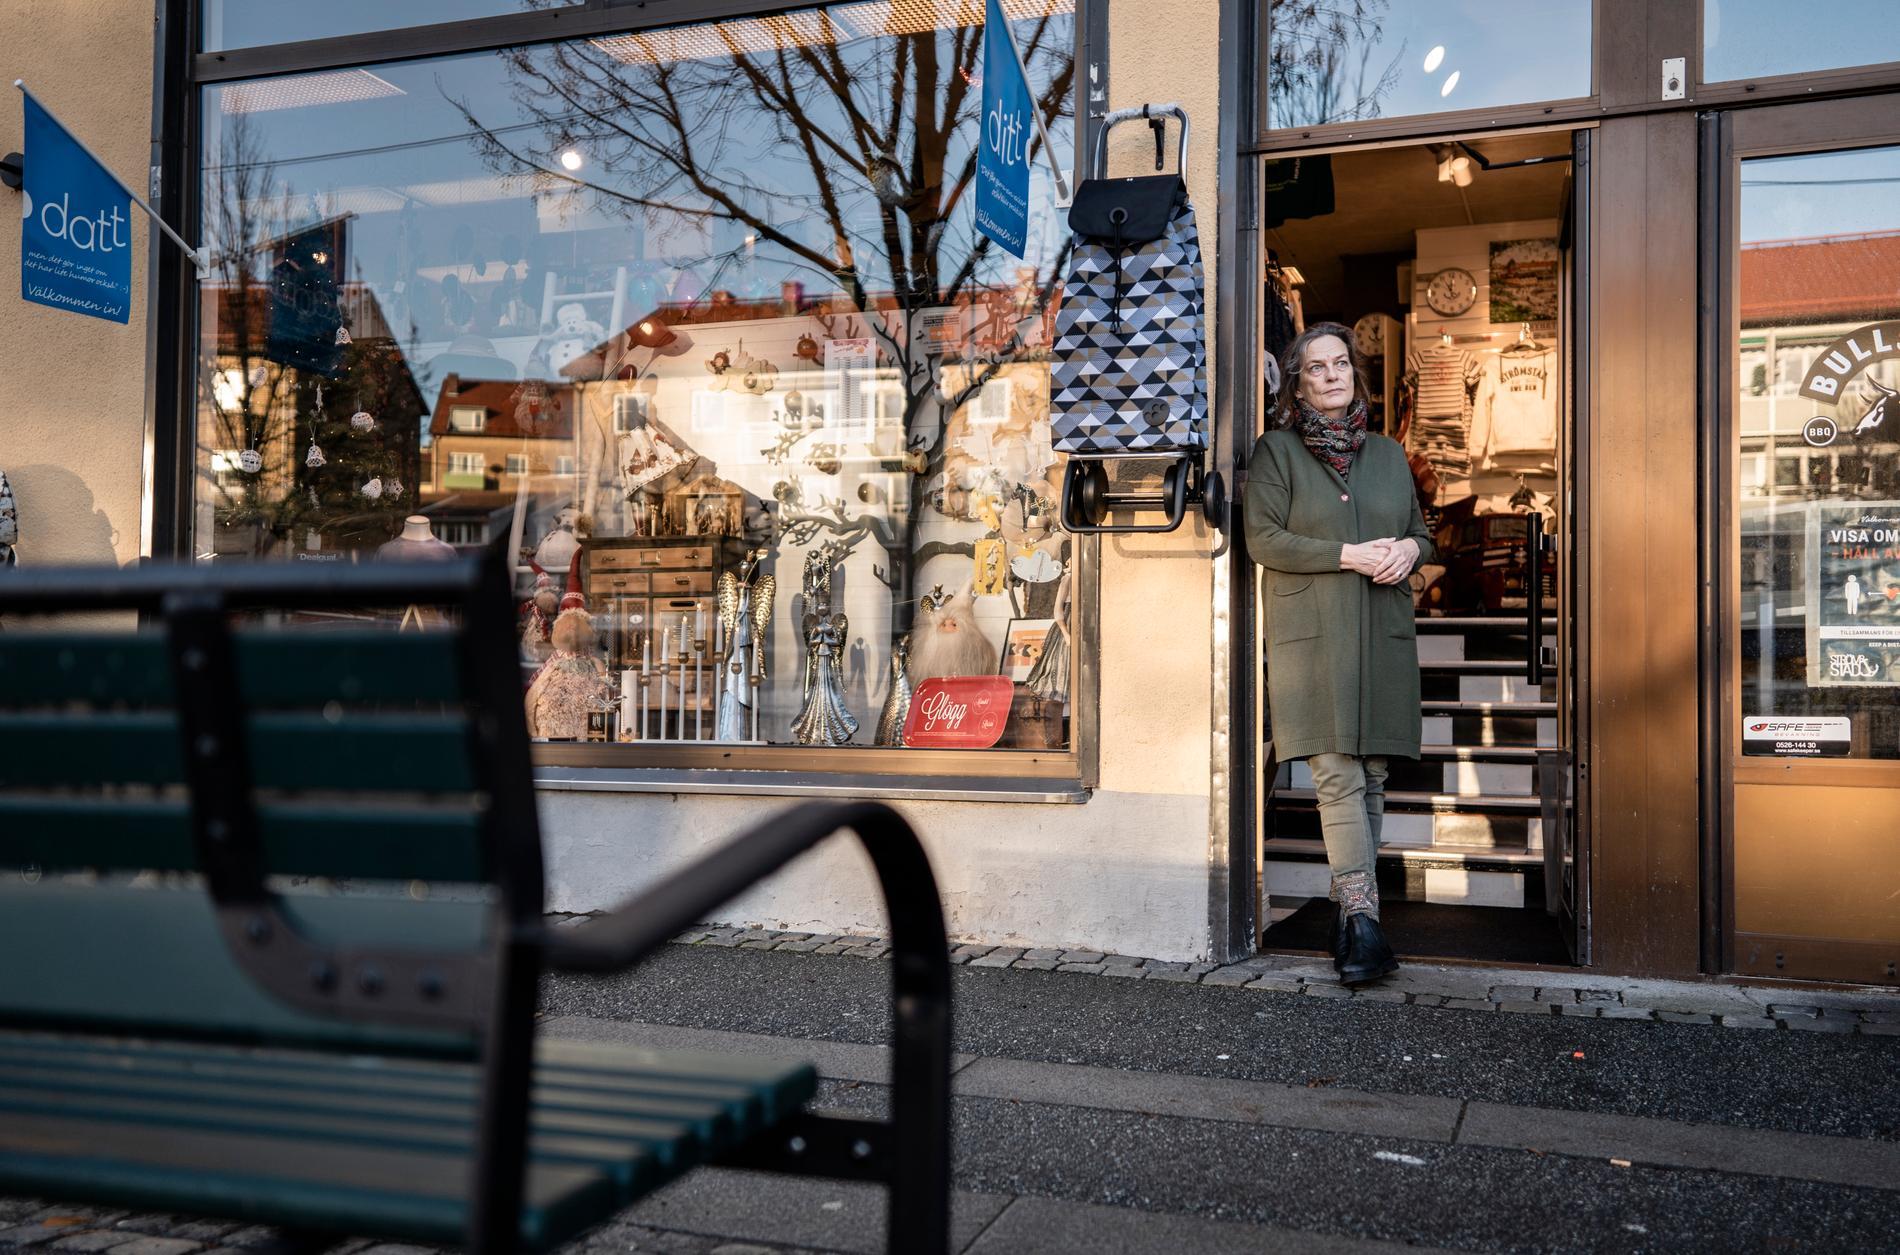 Heidi Caroline Nyström har under förmiddagen redan haft några kunder som varit förbi och handlat. Hon berättar att många Strömstadsbor stöttar de lokala handlarna.